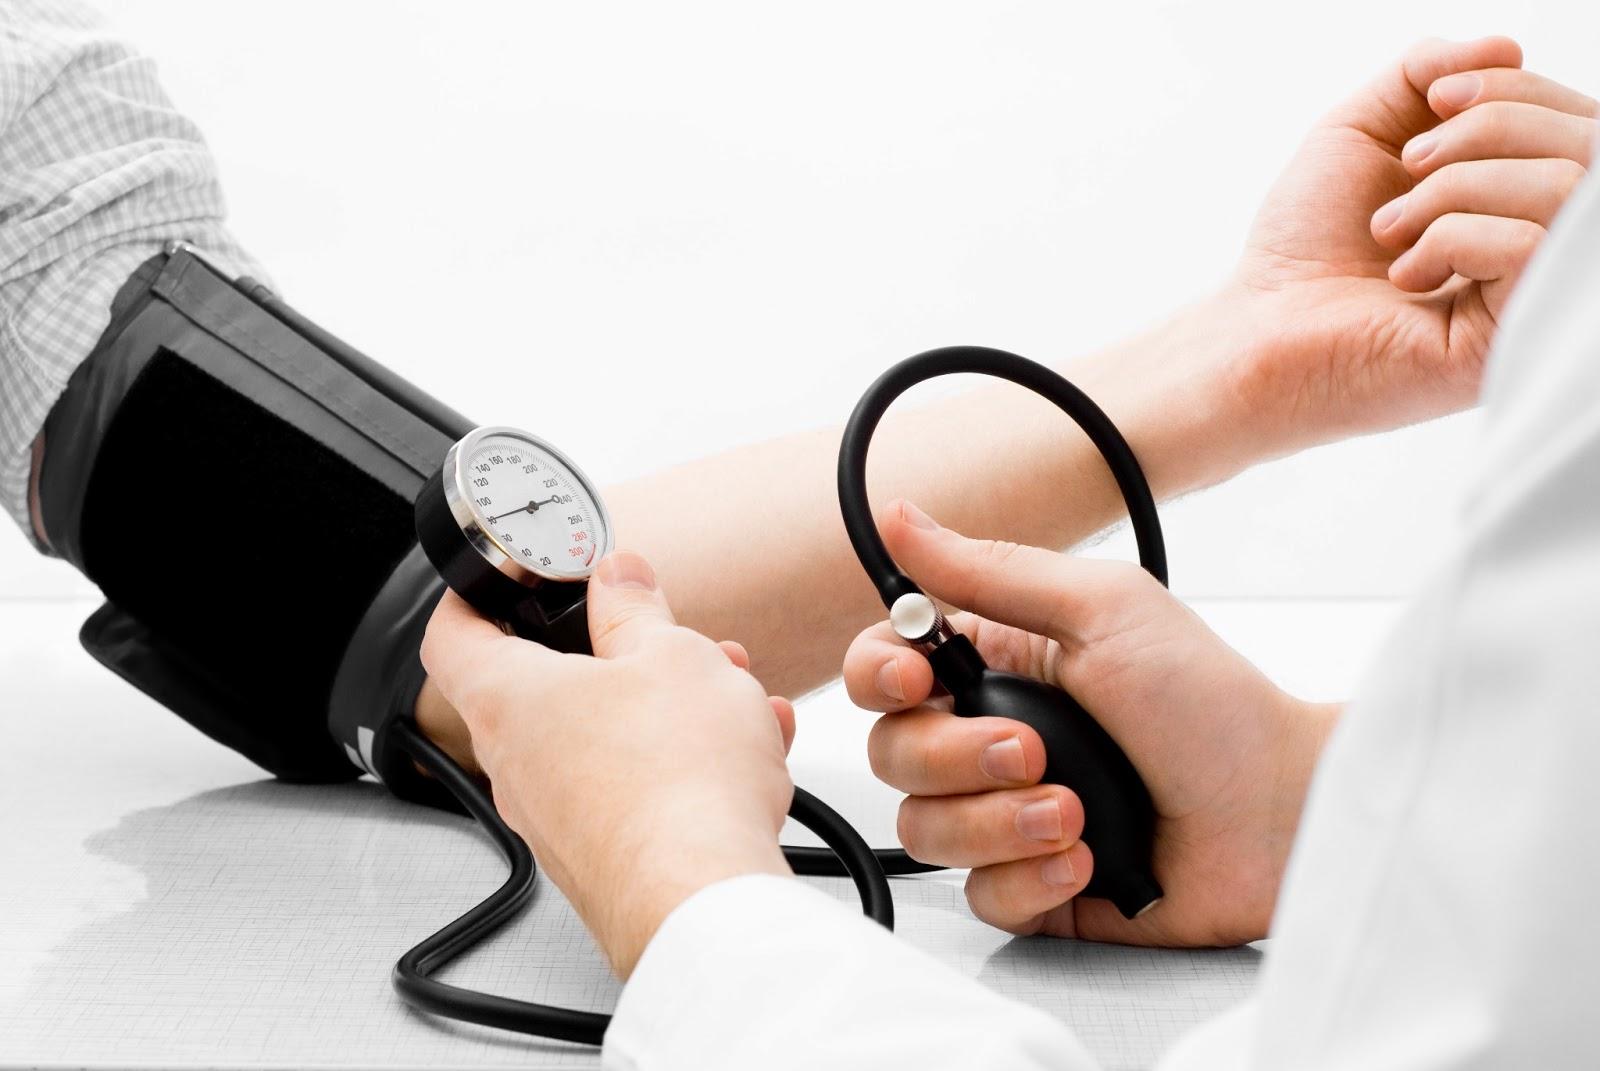 prijelaz hipotenzije hipertenzije hipertenzija smrt